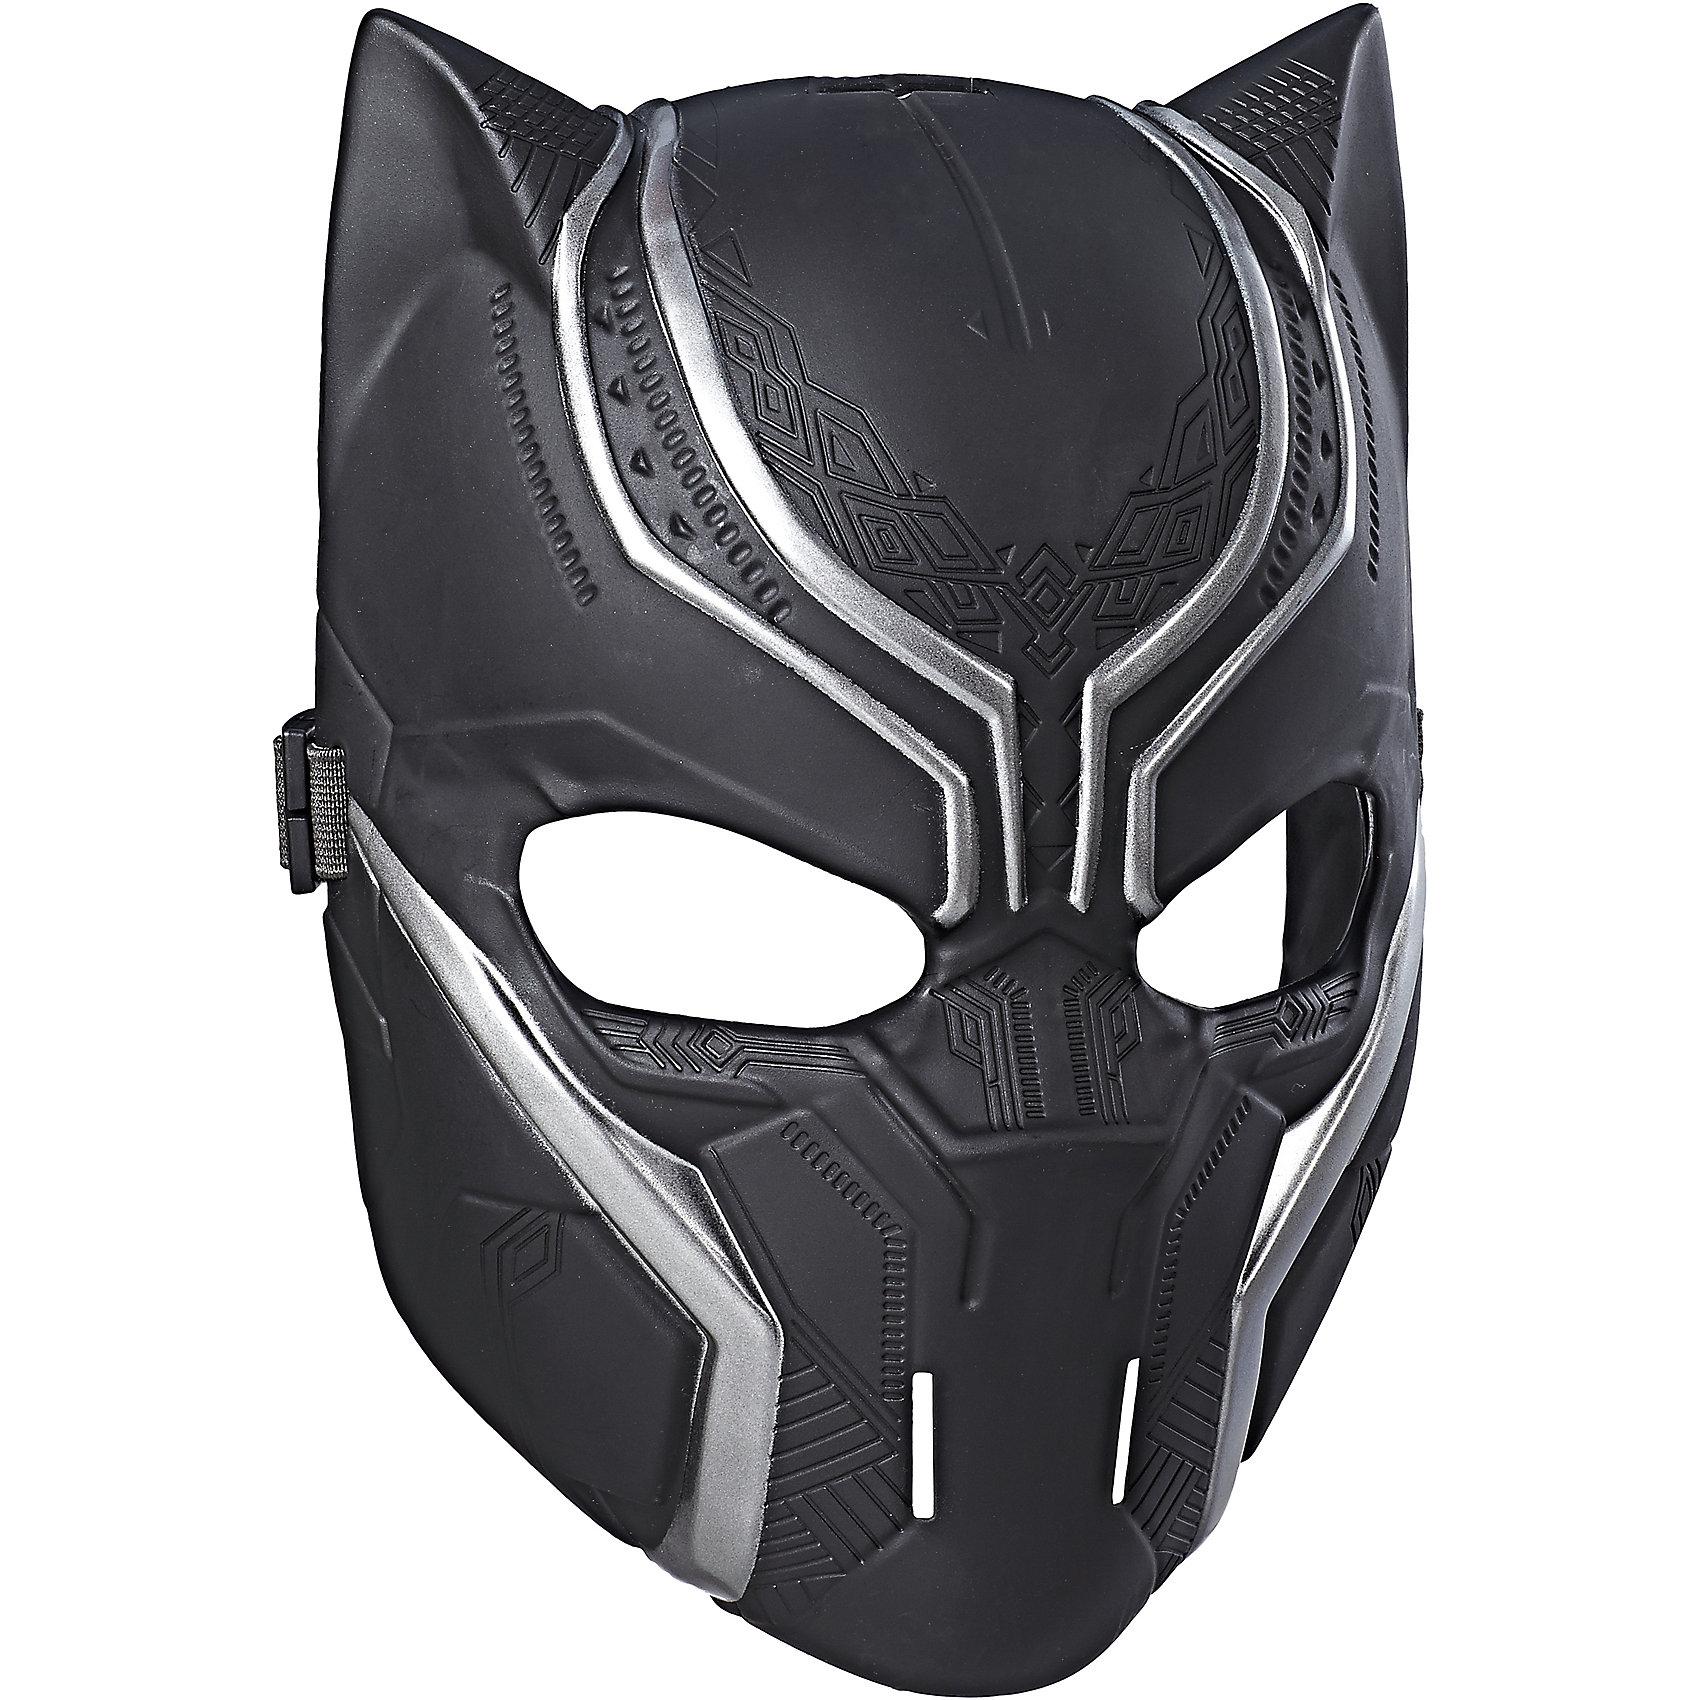 Маска Мстители Черная пантера, HasbroИдеи подарков<br>Характеристики:<br><br>• возраст: от 5 лет<br>• материал: пластик<br>• размер упаковки:290х119х10 мм.<br>• вес: 140 гр.<br><br>Маска Черной пантеры от Hasbro (Хасбро) поможет ребенку представить себя супергероем, которой спасает мир от злодеев и погрузиться с друзьями в увлекательный игровой процесс. Маска выполнена очень реалистично, все детали тщательно проработаны. Она надежно закрепляется на голове ребенка с помощью эластичной резинки. Изделие изготовлено из качественного пластика и наверняка понравится поклонникам этого героя.<br><br>Маску Мстителя, B9945/C2990, Мстители, Hasbro (Хасбро) можно купить в нашем интернет-магазине.<br><br>Ширина мм: 290<br>Глубина мм: 119<br>Высота мм: 10<br>Вес г: 140<br>Возраст от месяцев: 60<br>Возраст до месяцев: 2147483647<br>Пол: Мужской<br>Возраст: Детский<br>SKU: 6711759